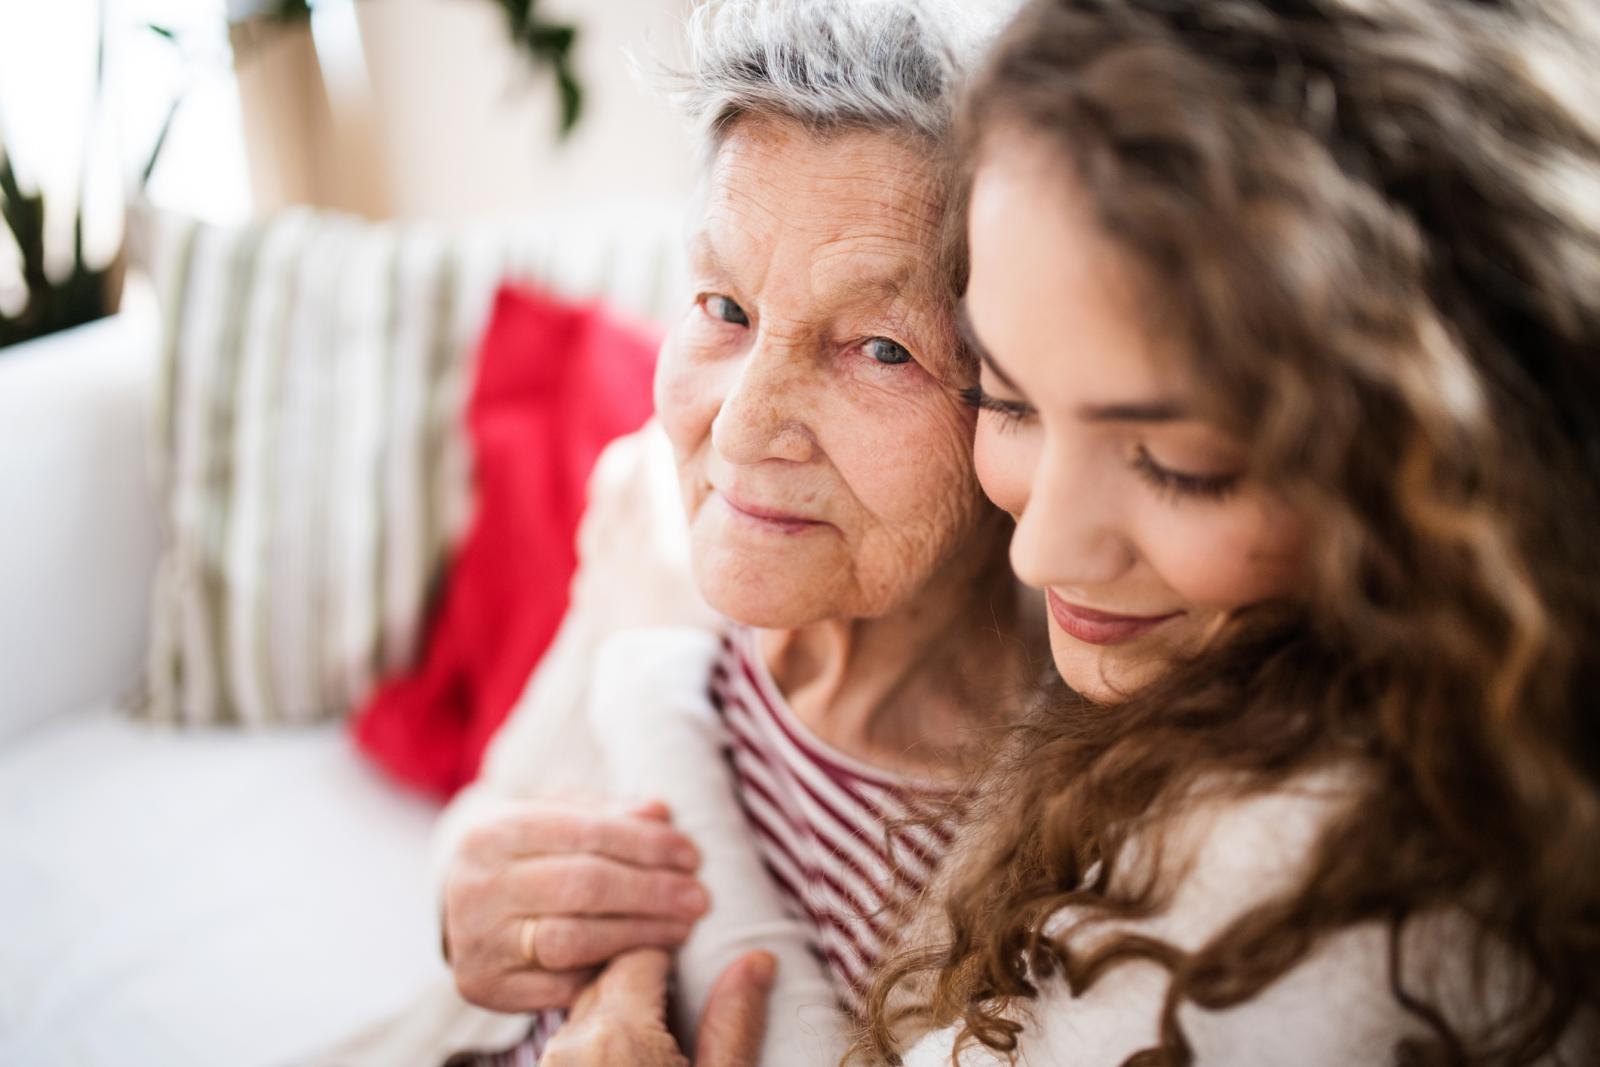 Ne pripisujte zaboravnost starosti, jer demencije nisu normalan dio starenja.